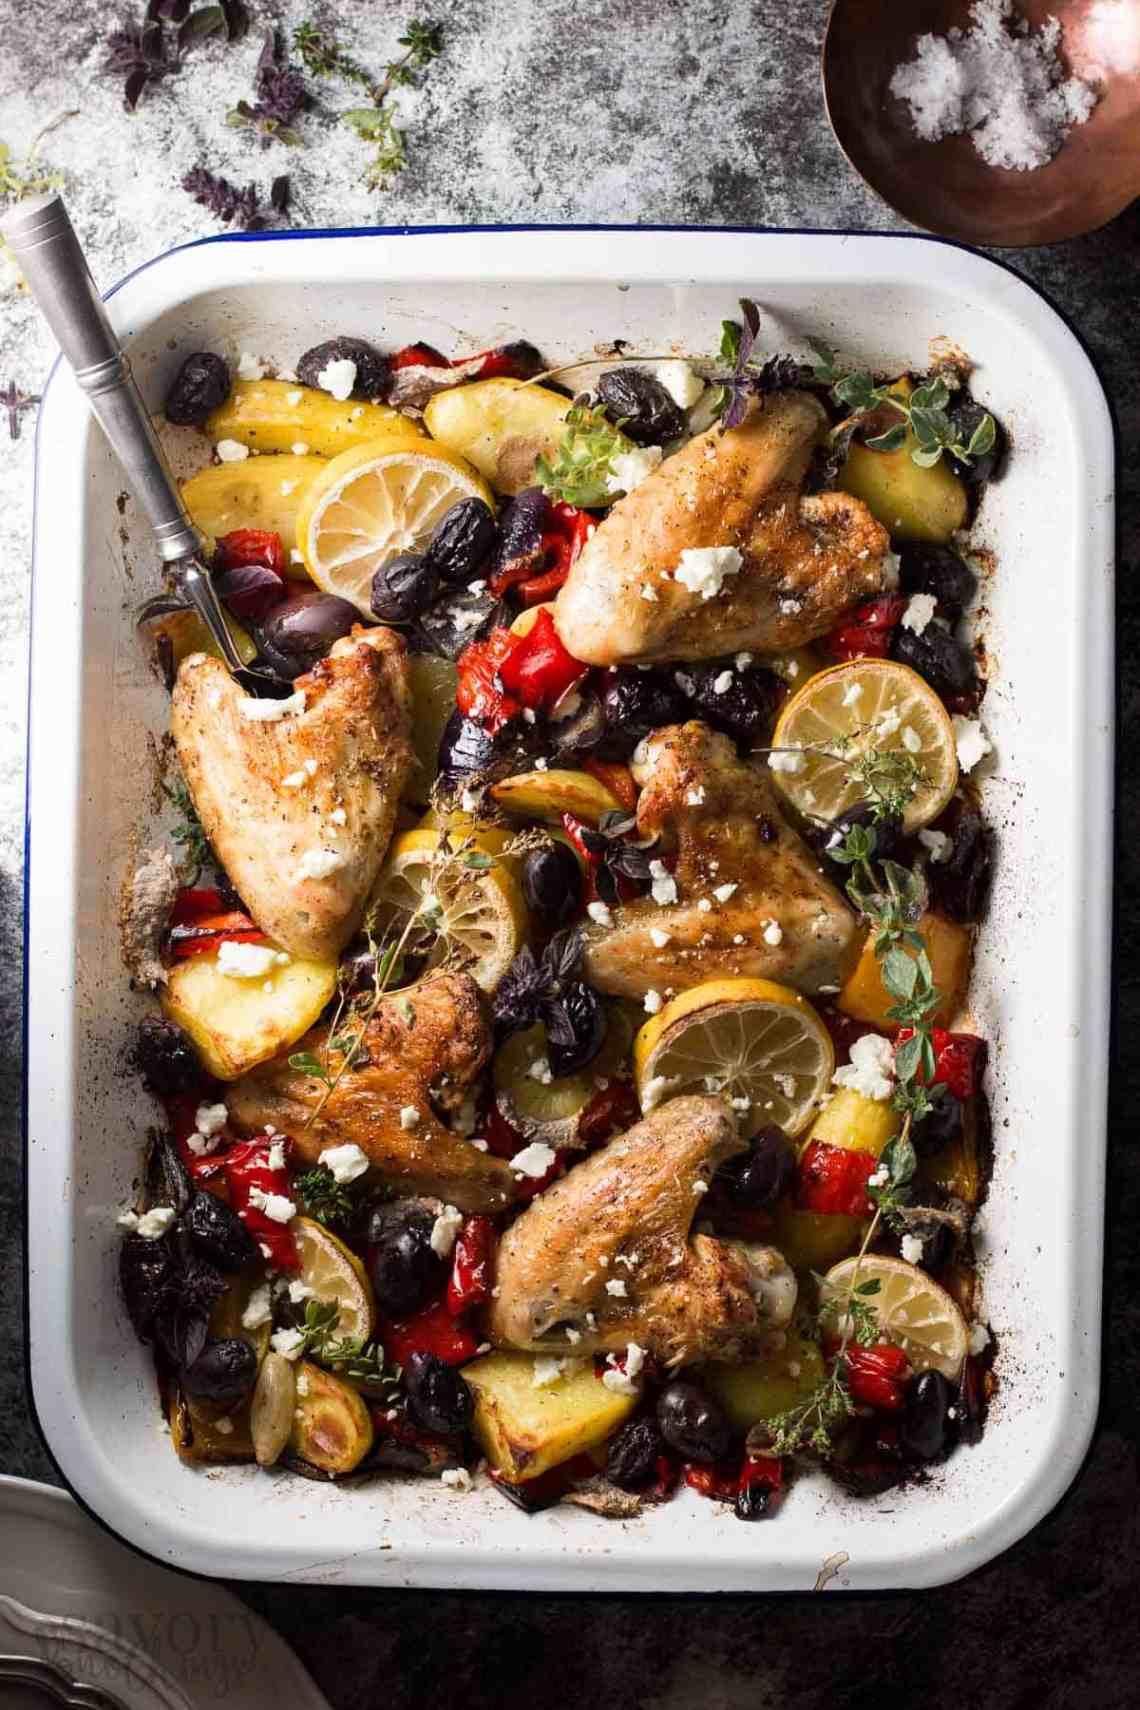 Easy Baked Chicken Dinner - Greek Lemon Chicken with Veggies